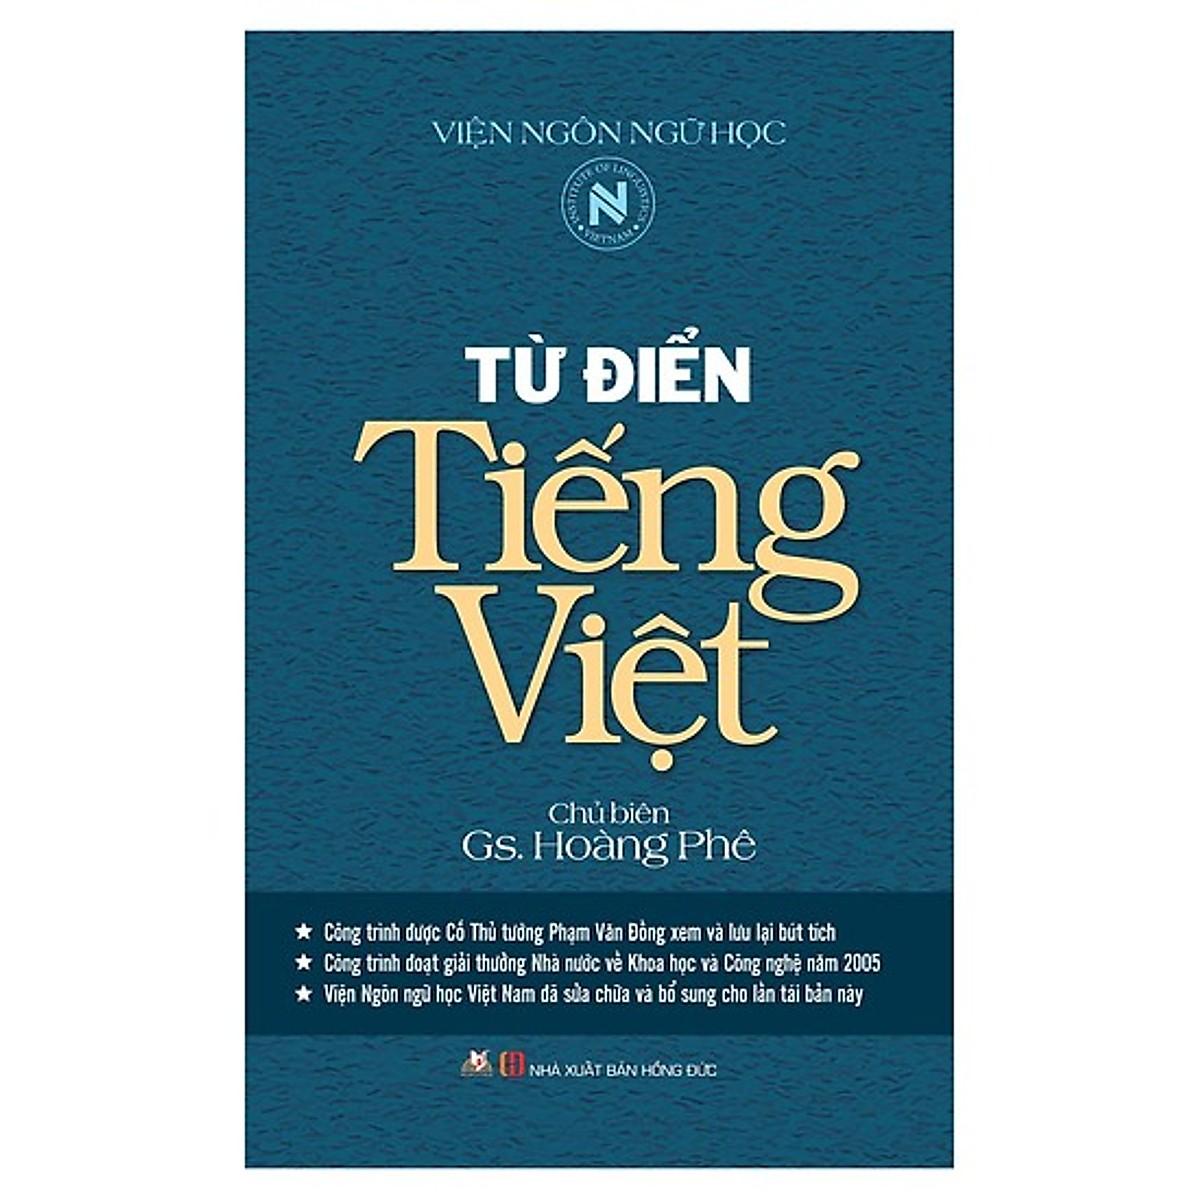 Từ Điển Tiếng Việt Hoàng Phê (Tái Bản)